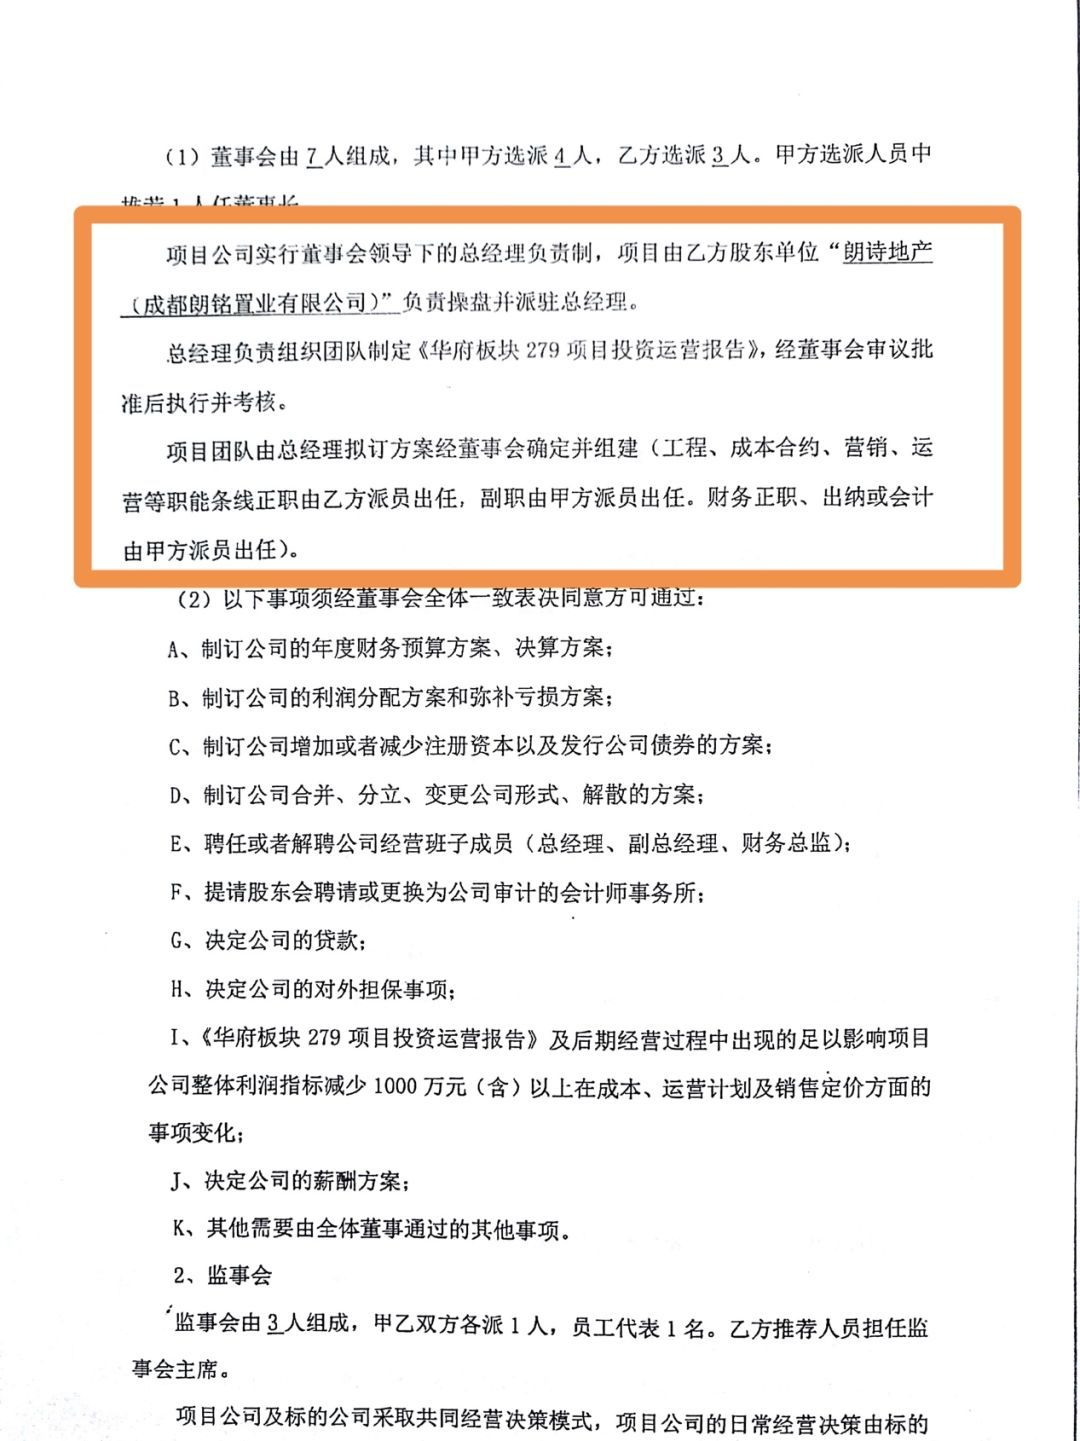 """焦點丨7.39億元土地股權轉讓之爭內情:民企質疑國企""""誠信"""""""